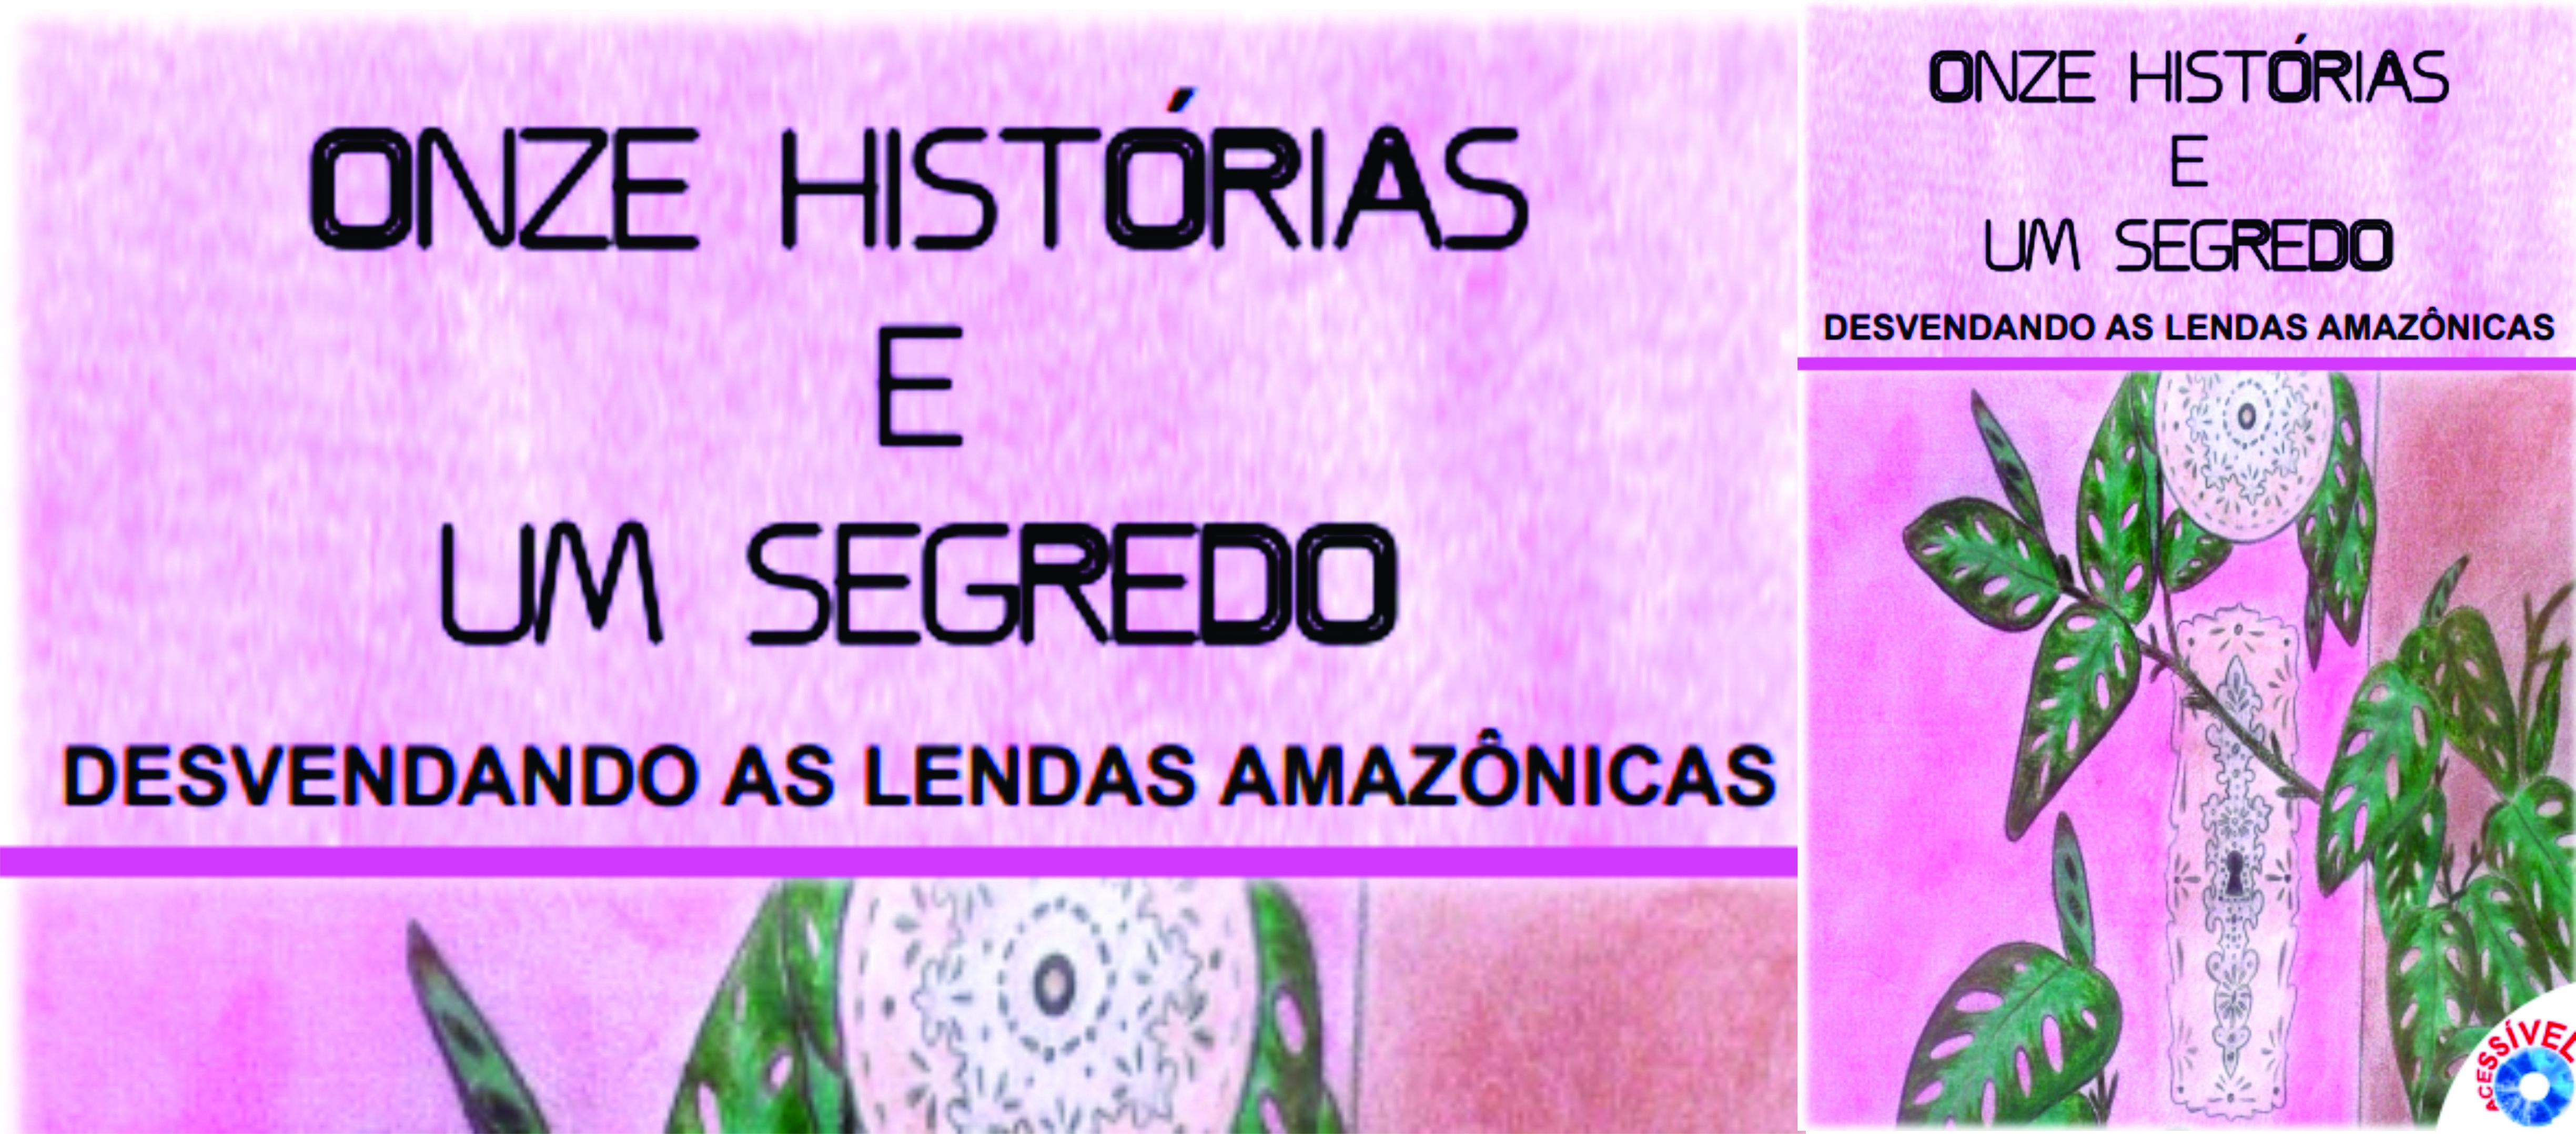 CURSO LETRAS LIBRAS da UFAM lança obra em língua portuguesa e libras em parceria com o IFAM